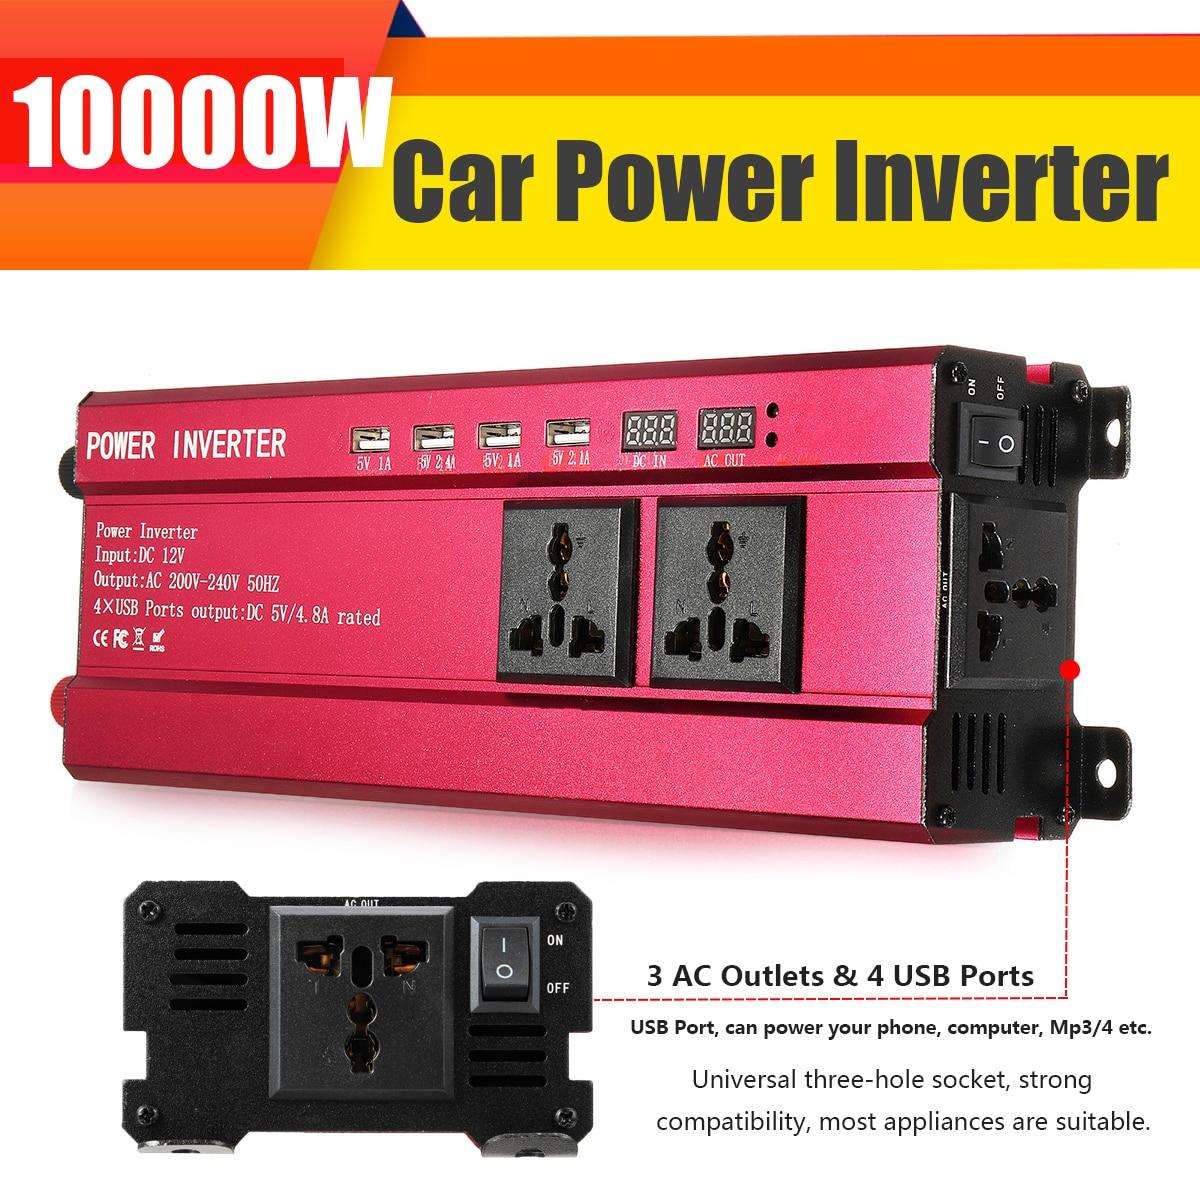 P Eak 10000W Car Solar Power Inverter DC 12V To AC 200-240V Sine Wave USB Converter Voltage Transformer USB Modified Sine Wave